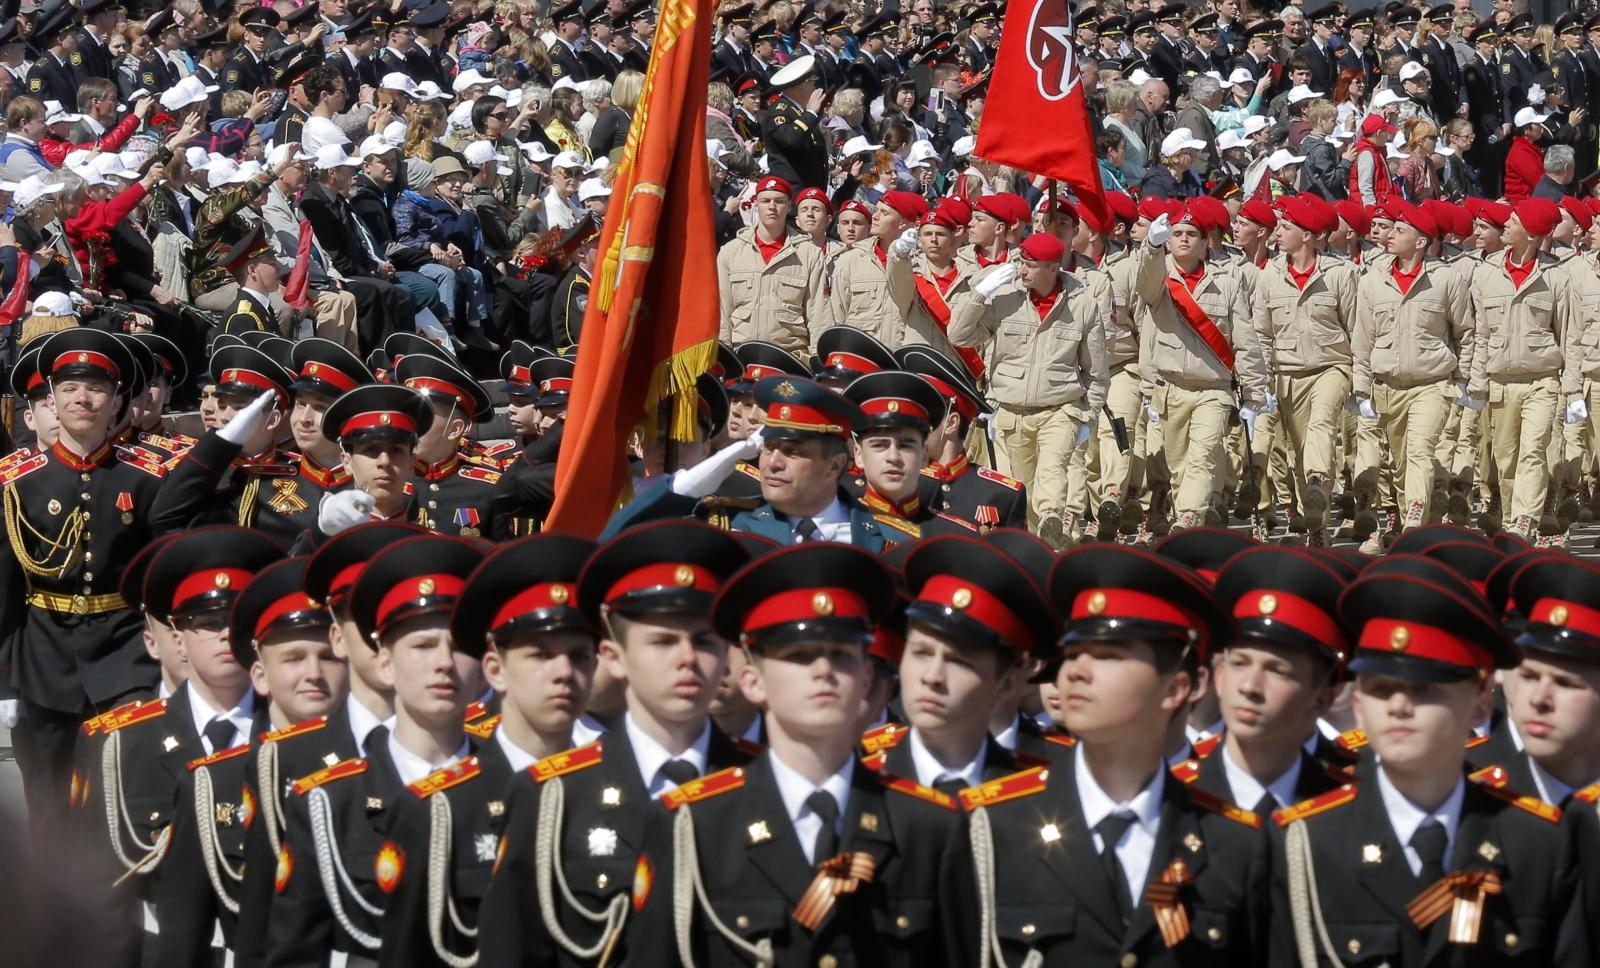 Marsz kadetów upamiętniający zwycięstwo w II wojnie światowej, Moskwa, Rosja.